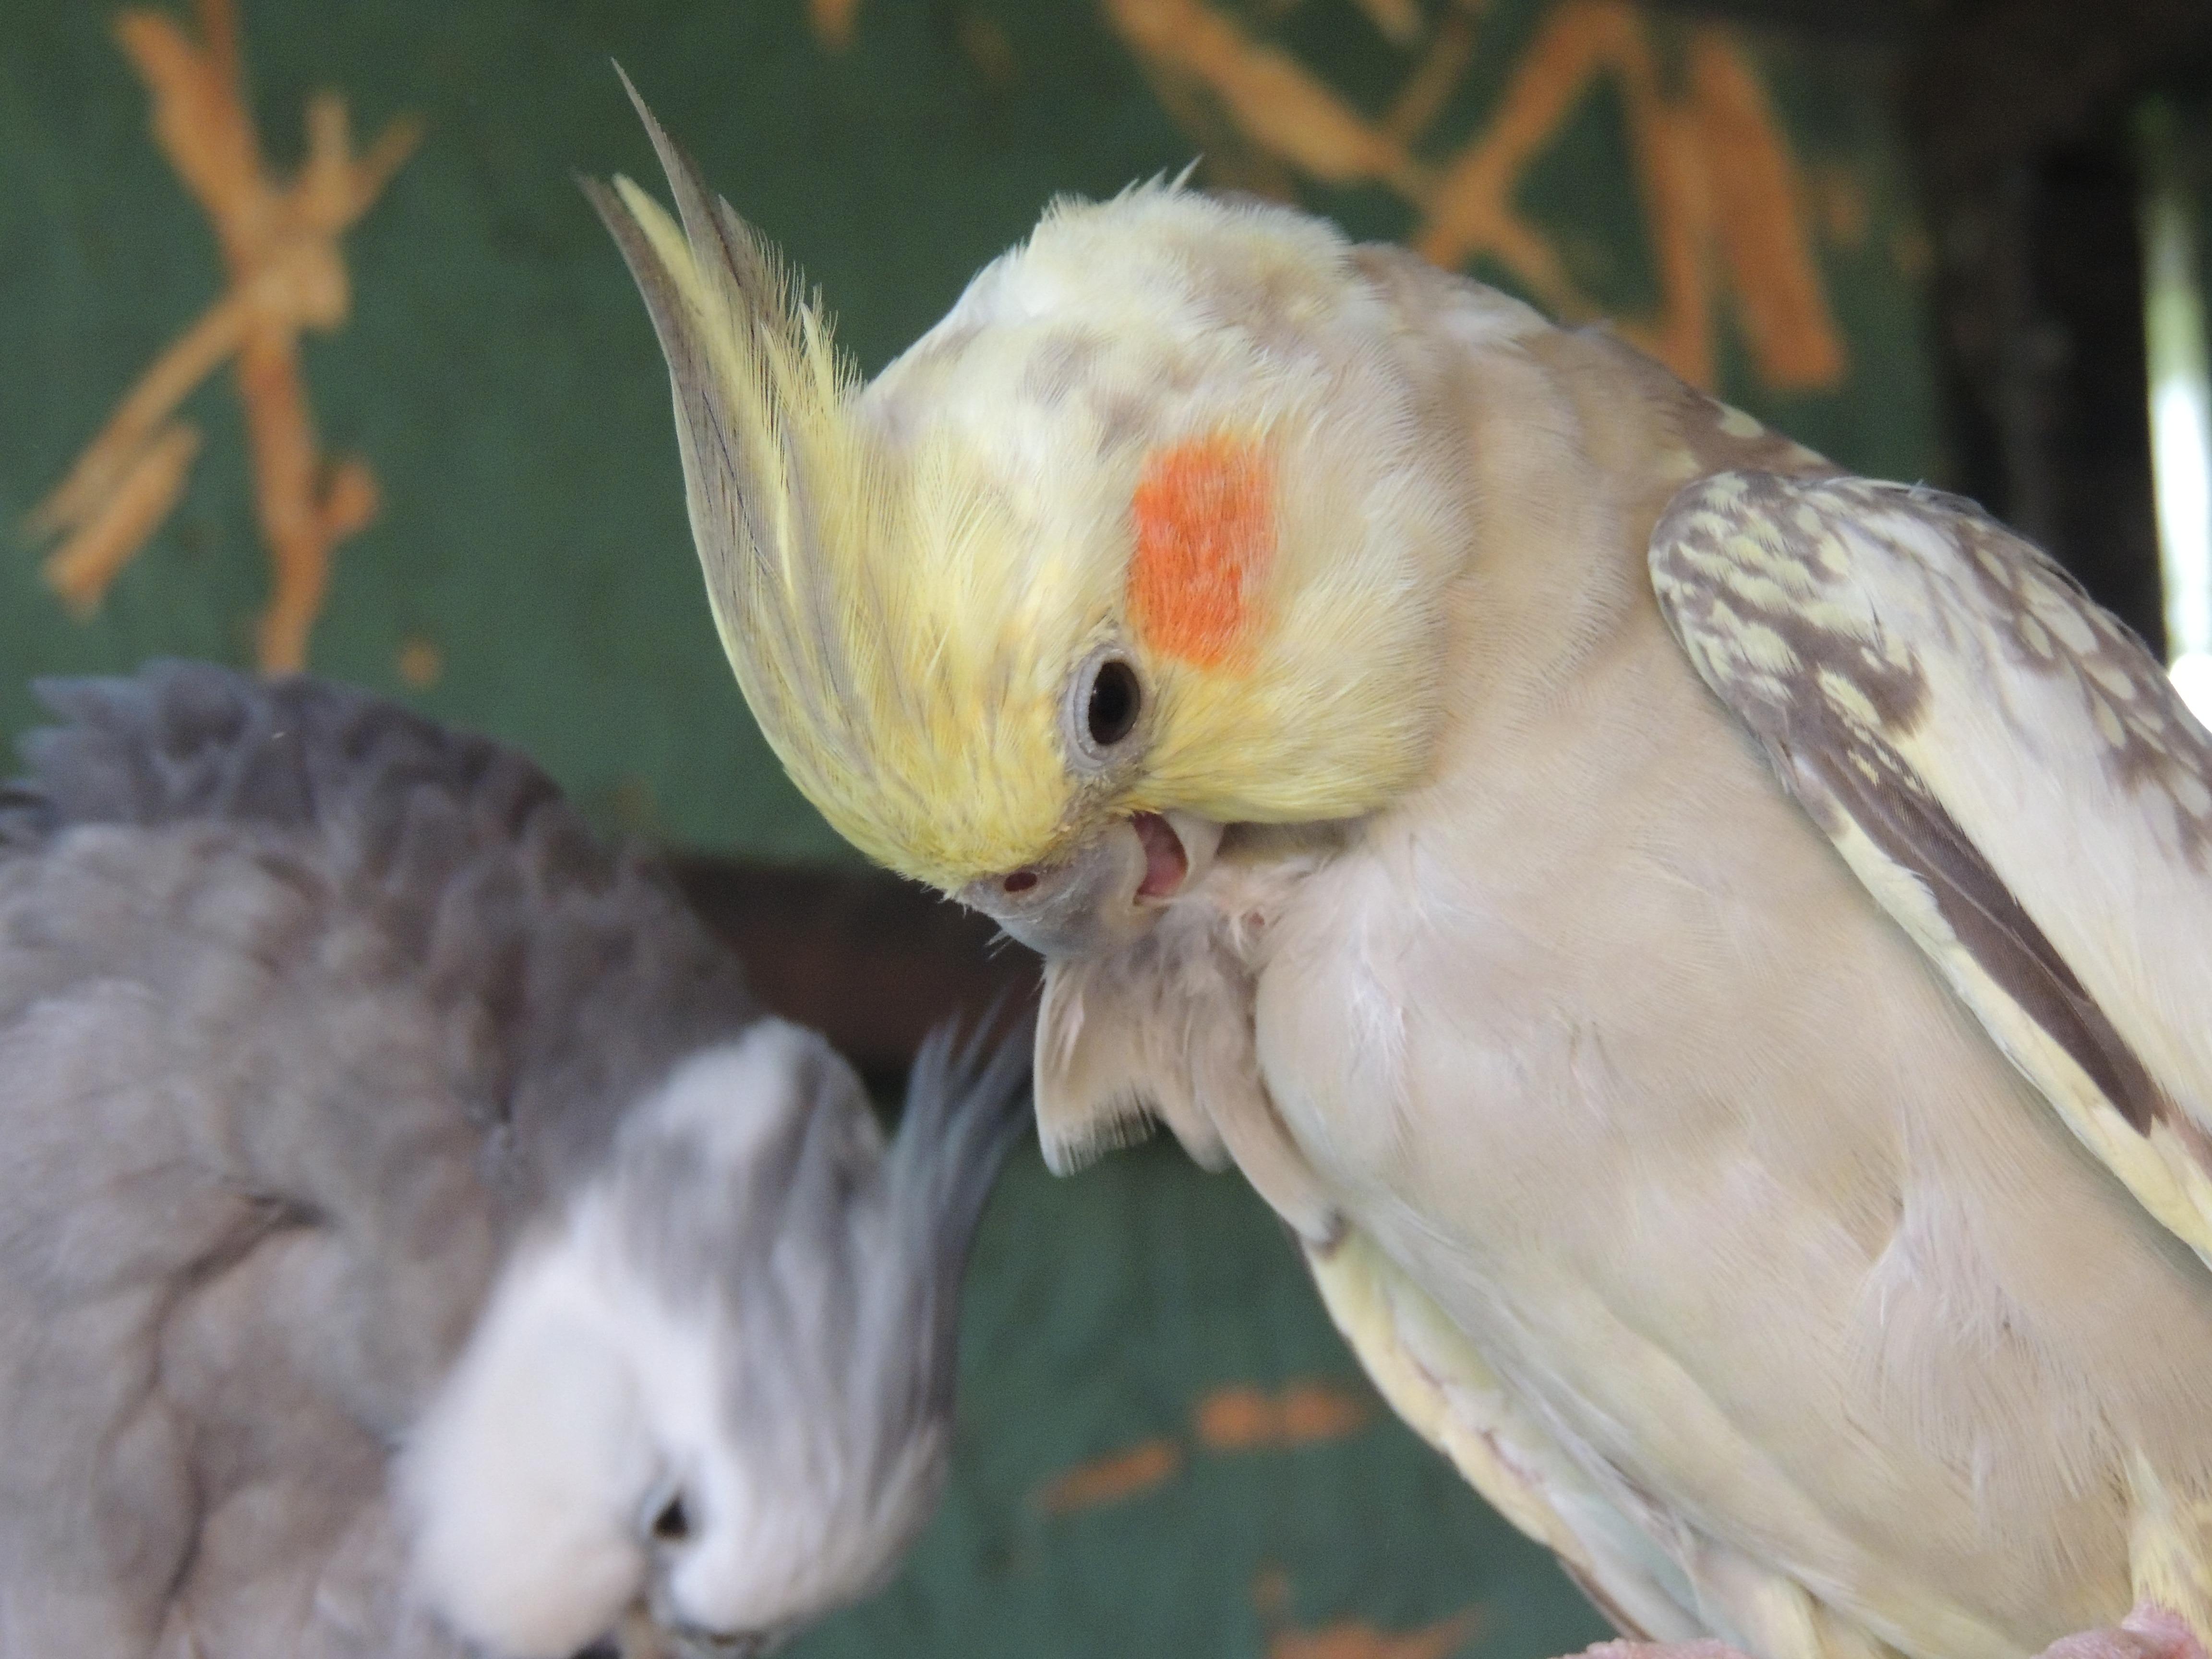 Fotoğraf Aşk Gaga çift Bakım Kuş Tüyü Fauna Muhabbetkuşu